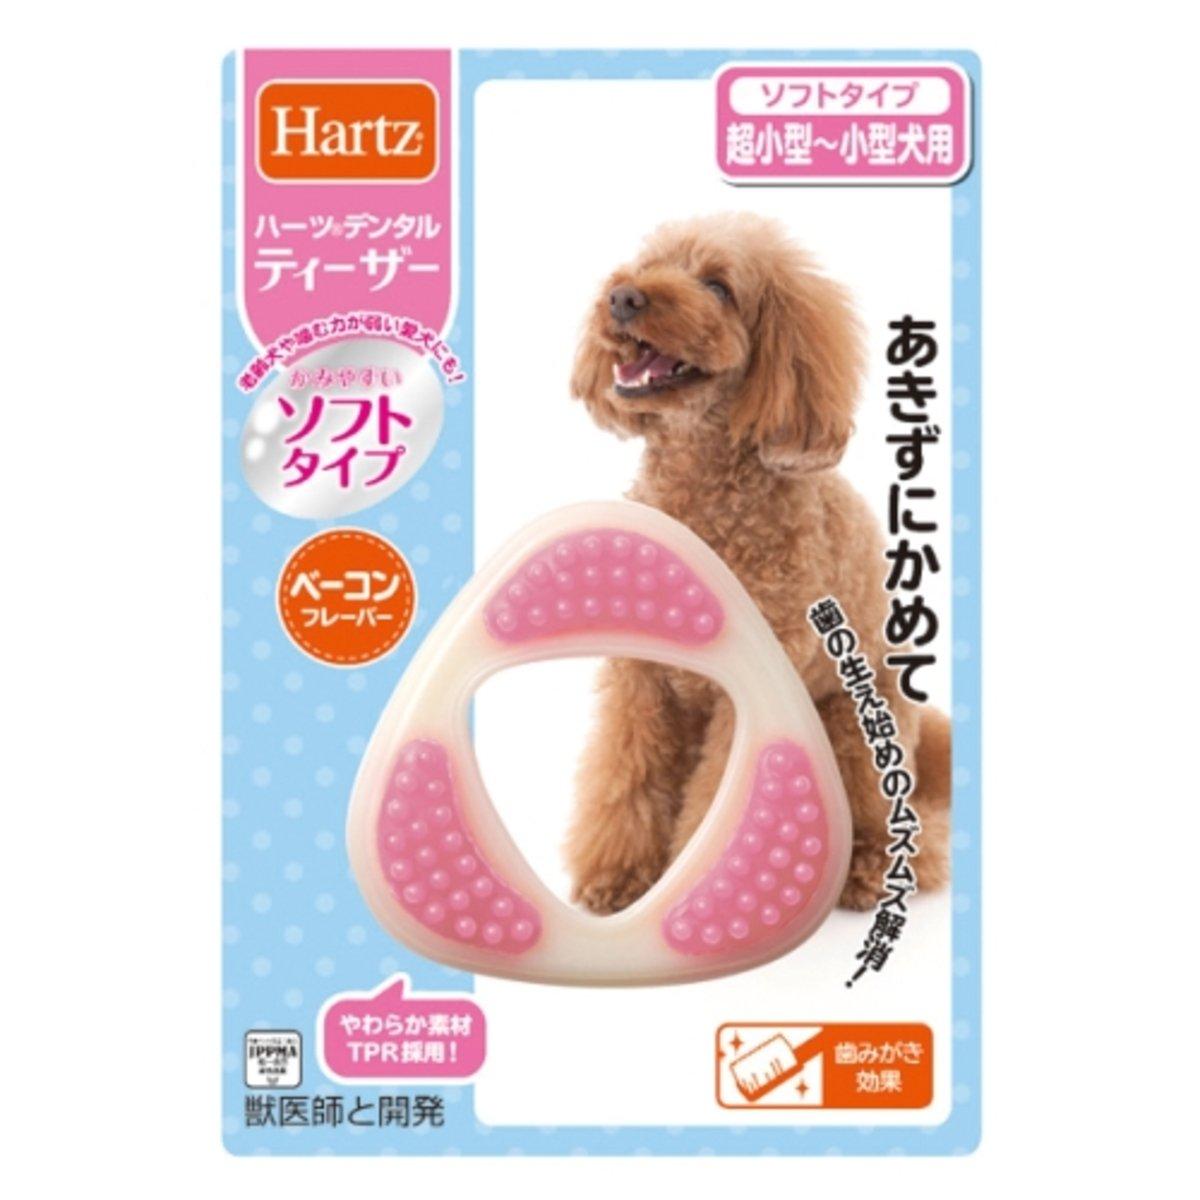 日本 Hartz 煙肉味潔齒牙骨 - 三角形